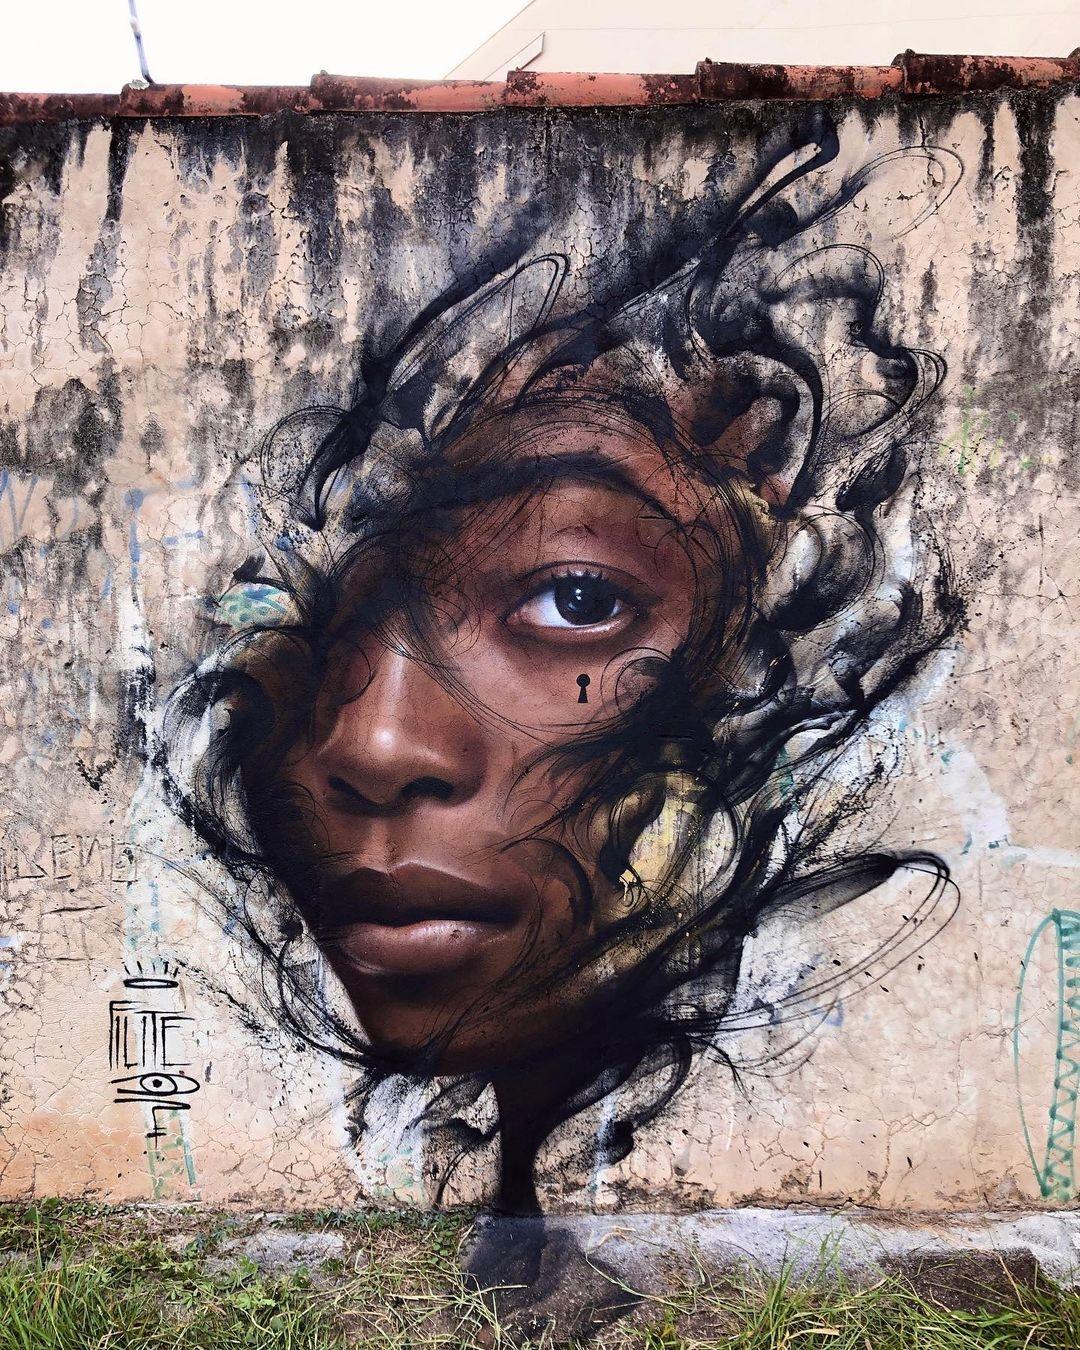 Filite @ São Carlos, Brazil